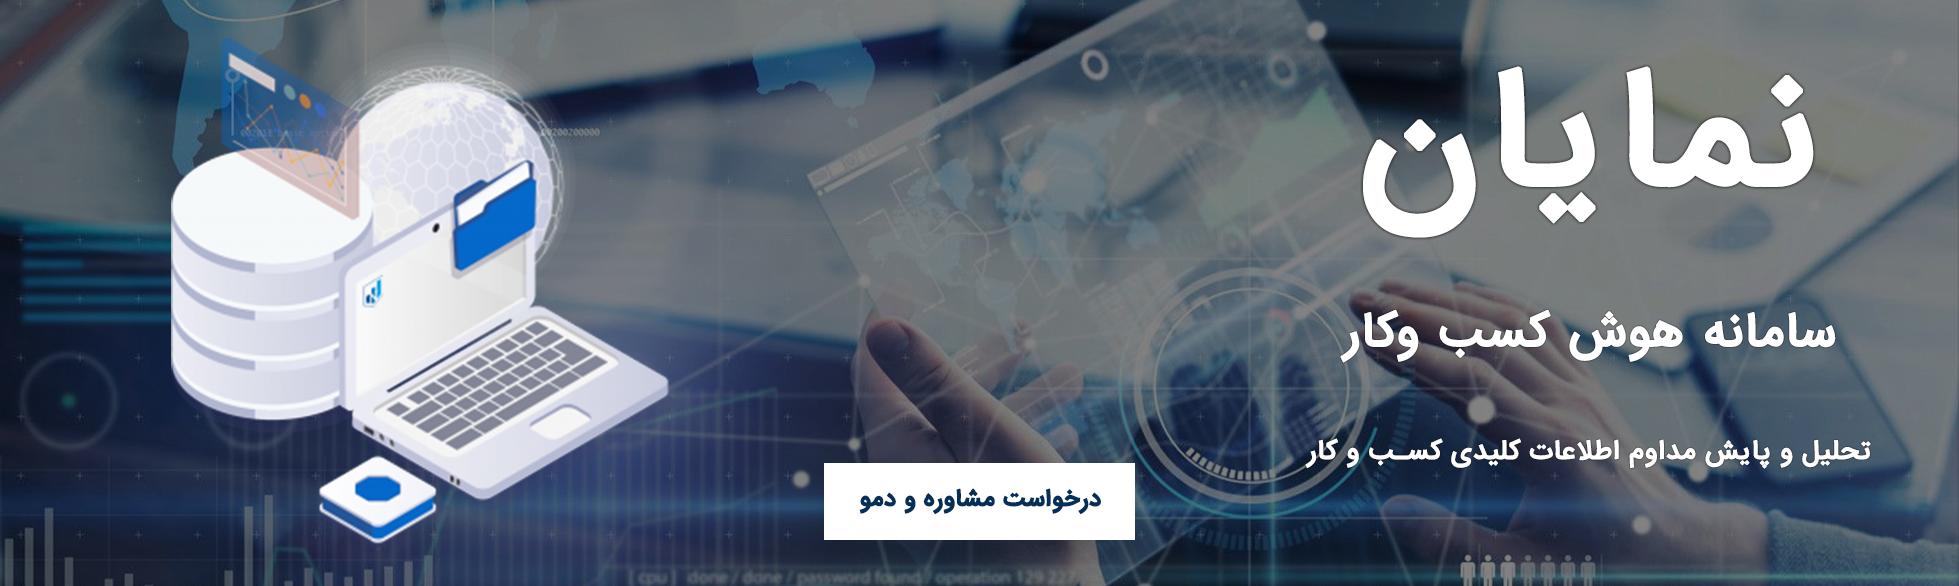 پروژه هوش تجاری